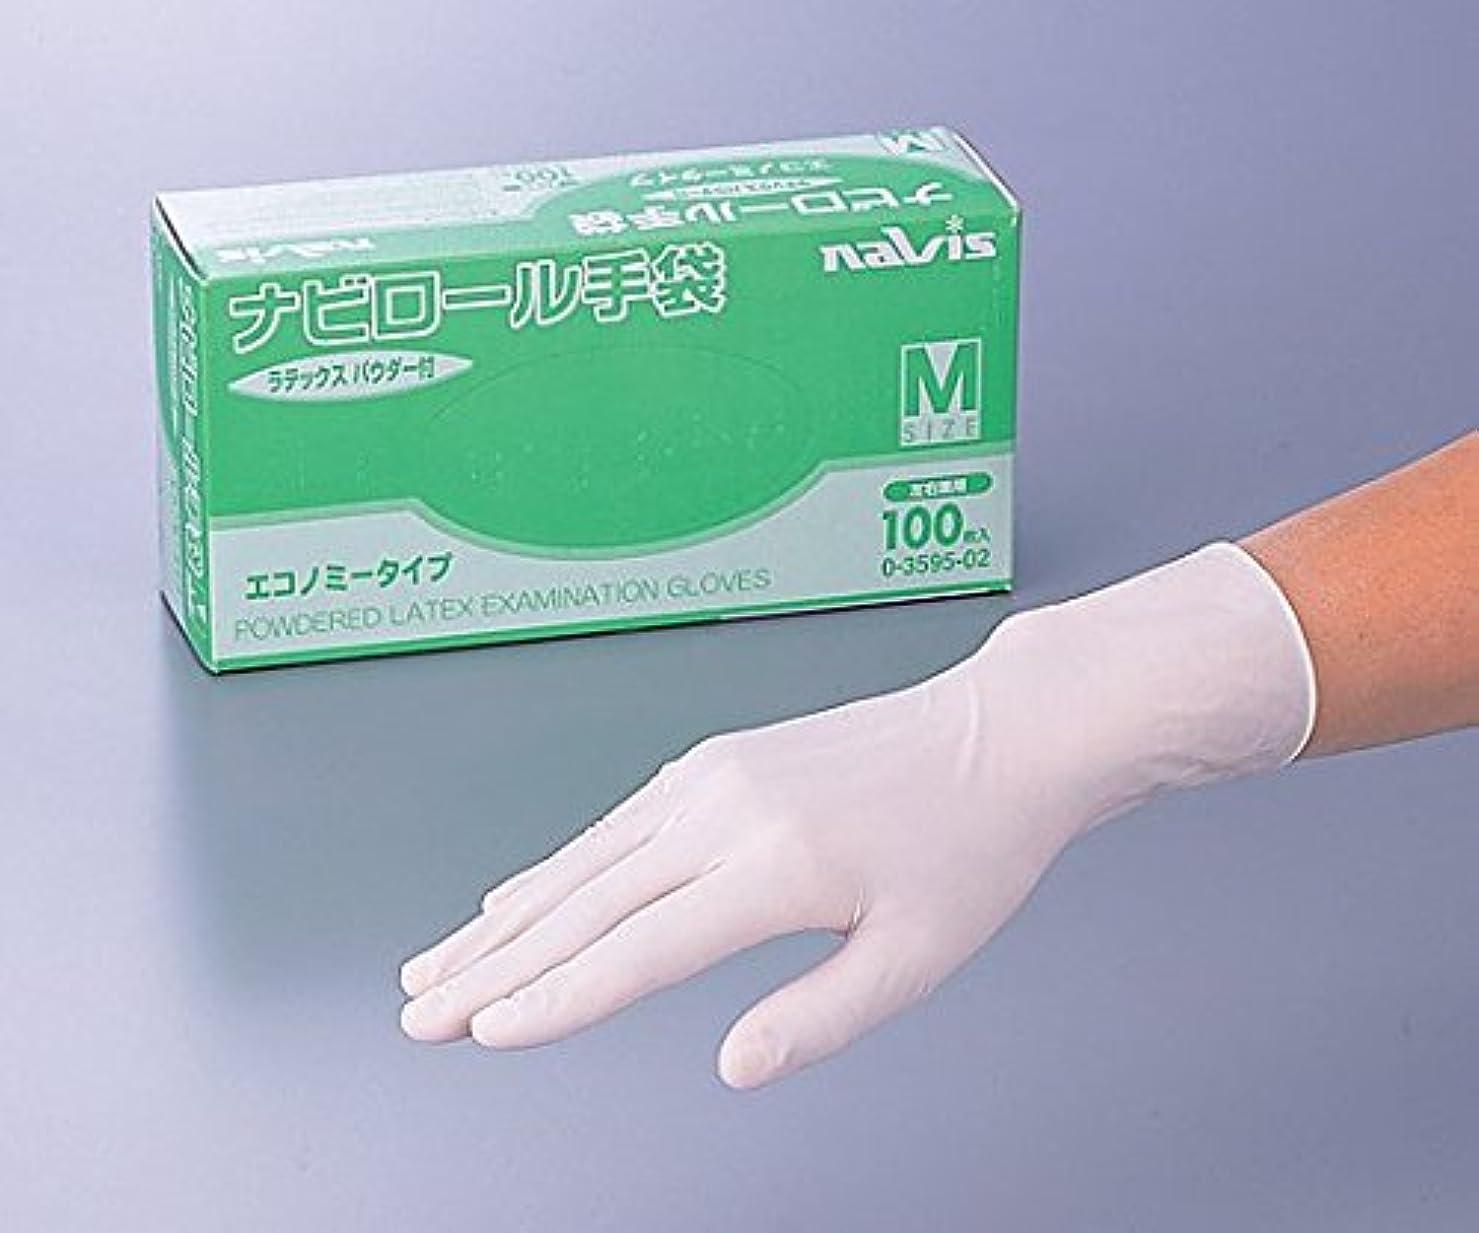 アズワン0-3595-03ナビロール手袋(エコノミータイプ?パウダー付)S100枚入